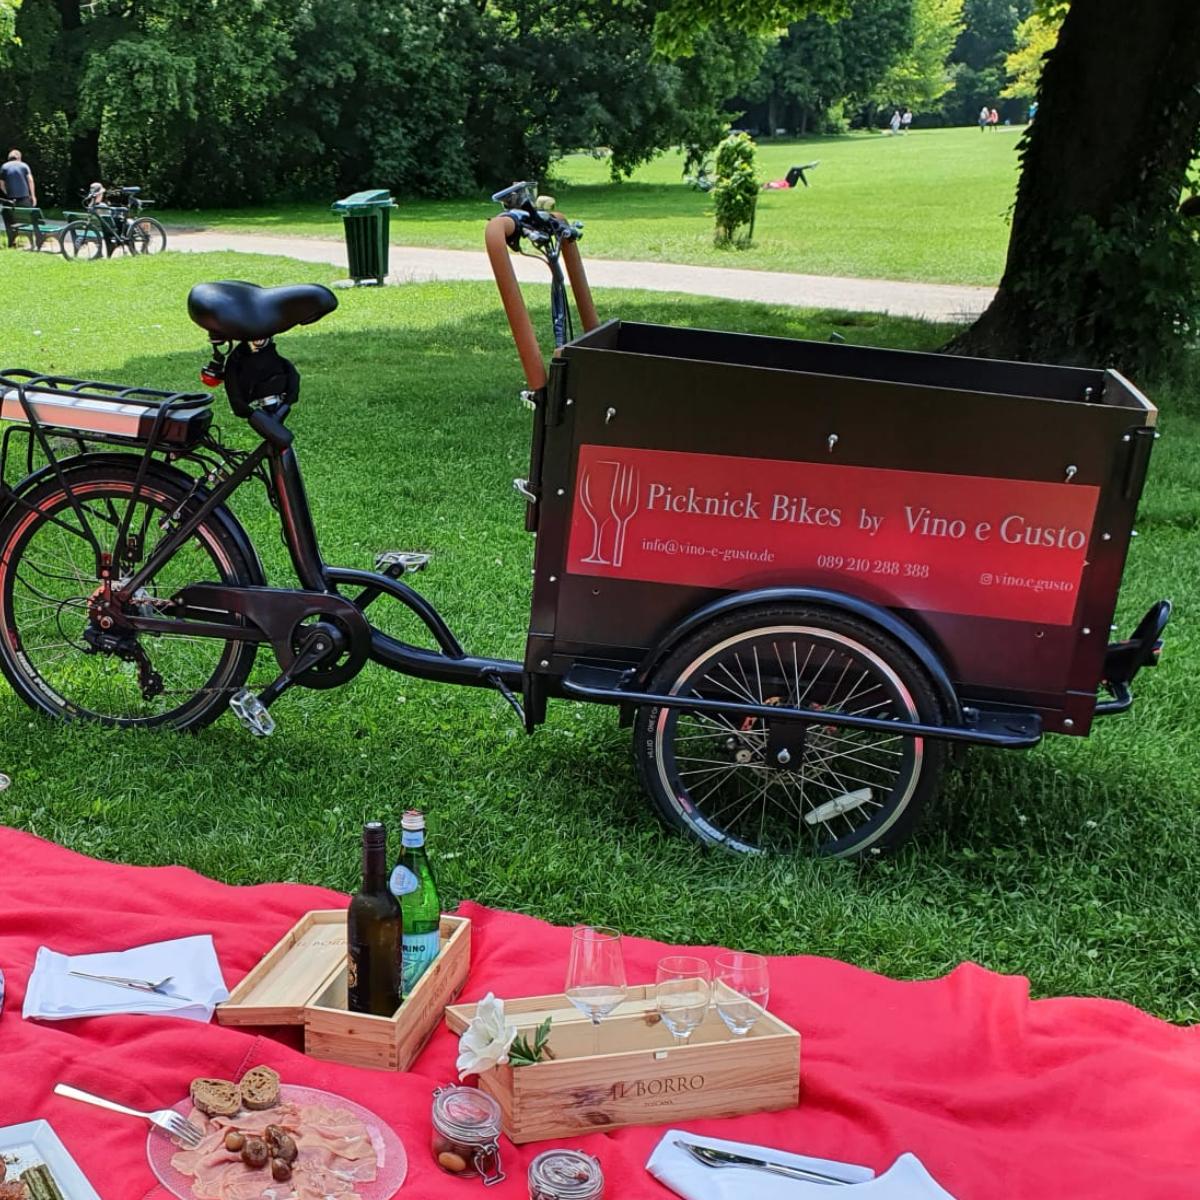 Vino e Gusto Picknick Bikes